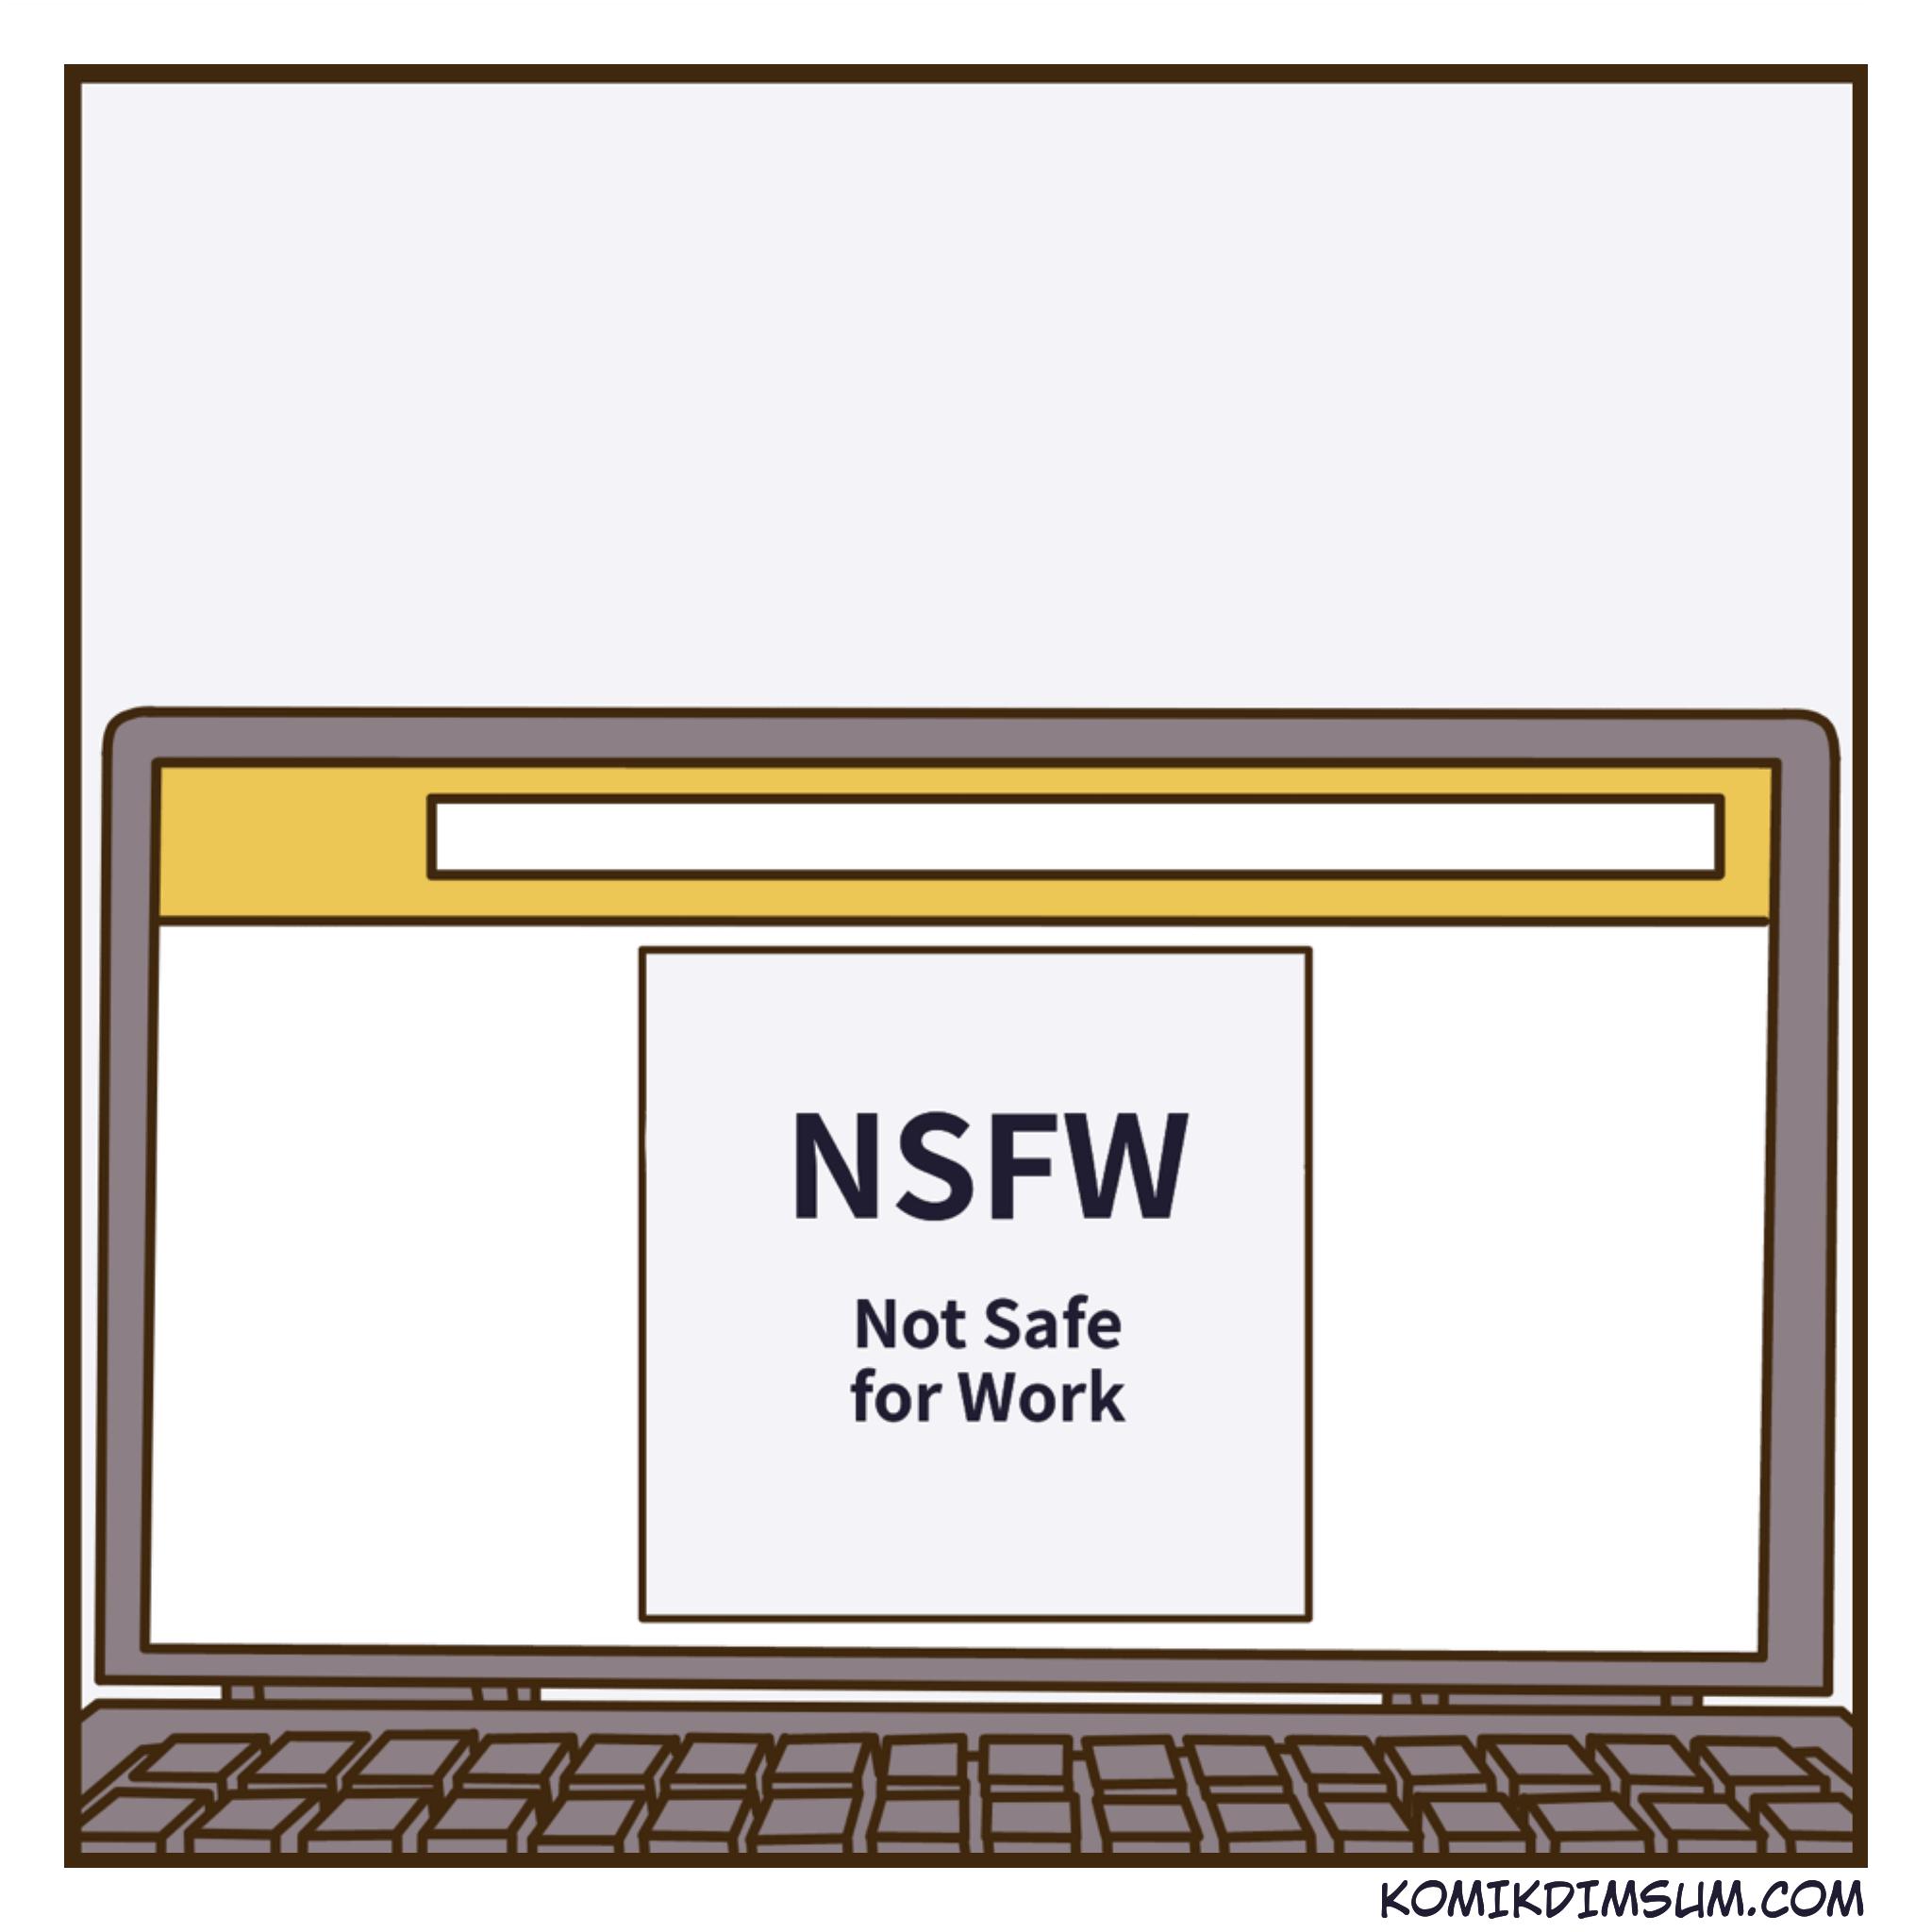 Gambar NSFW